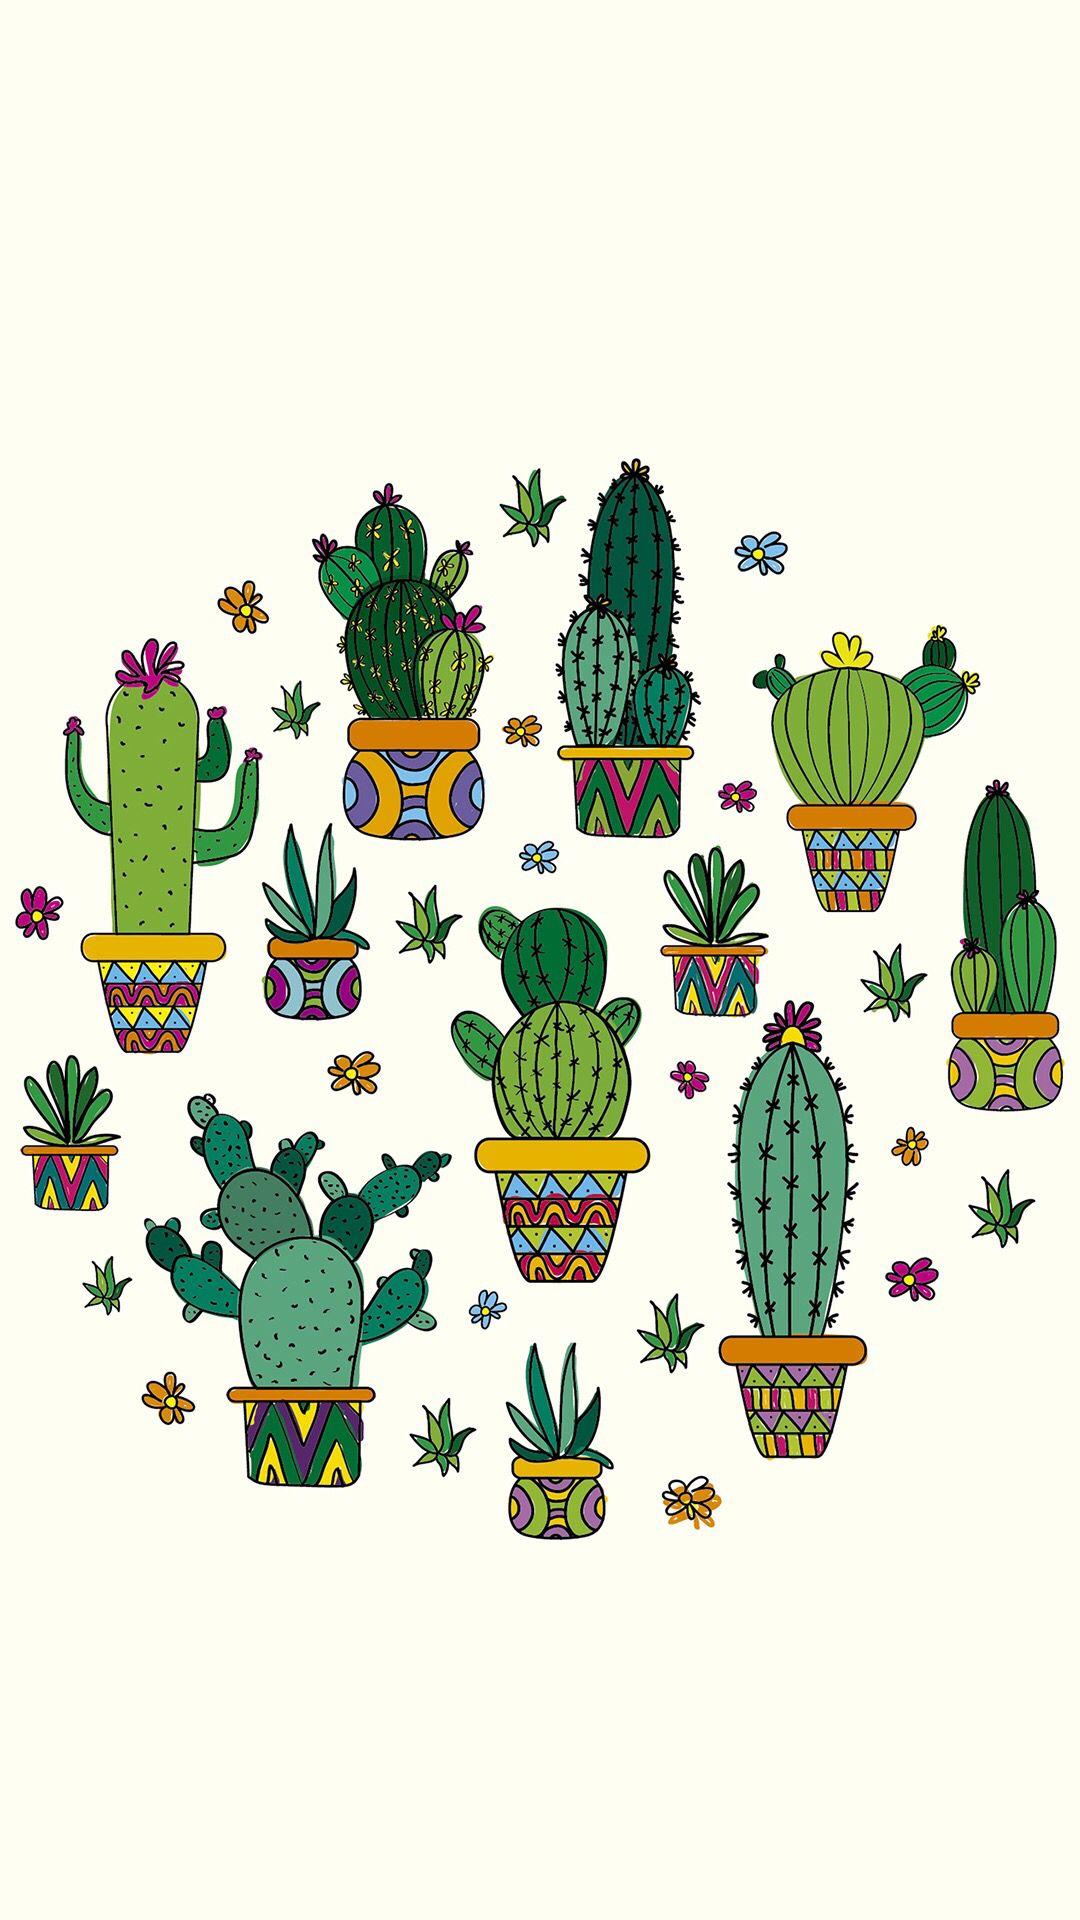 Pin de seliany en Negocio | Pinterest | Fondos de cactus, Cactaceas ...